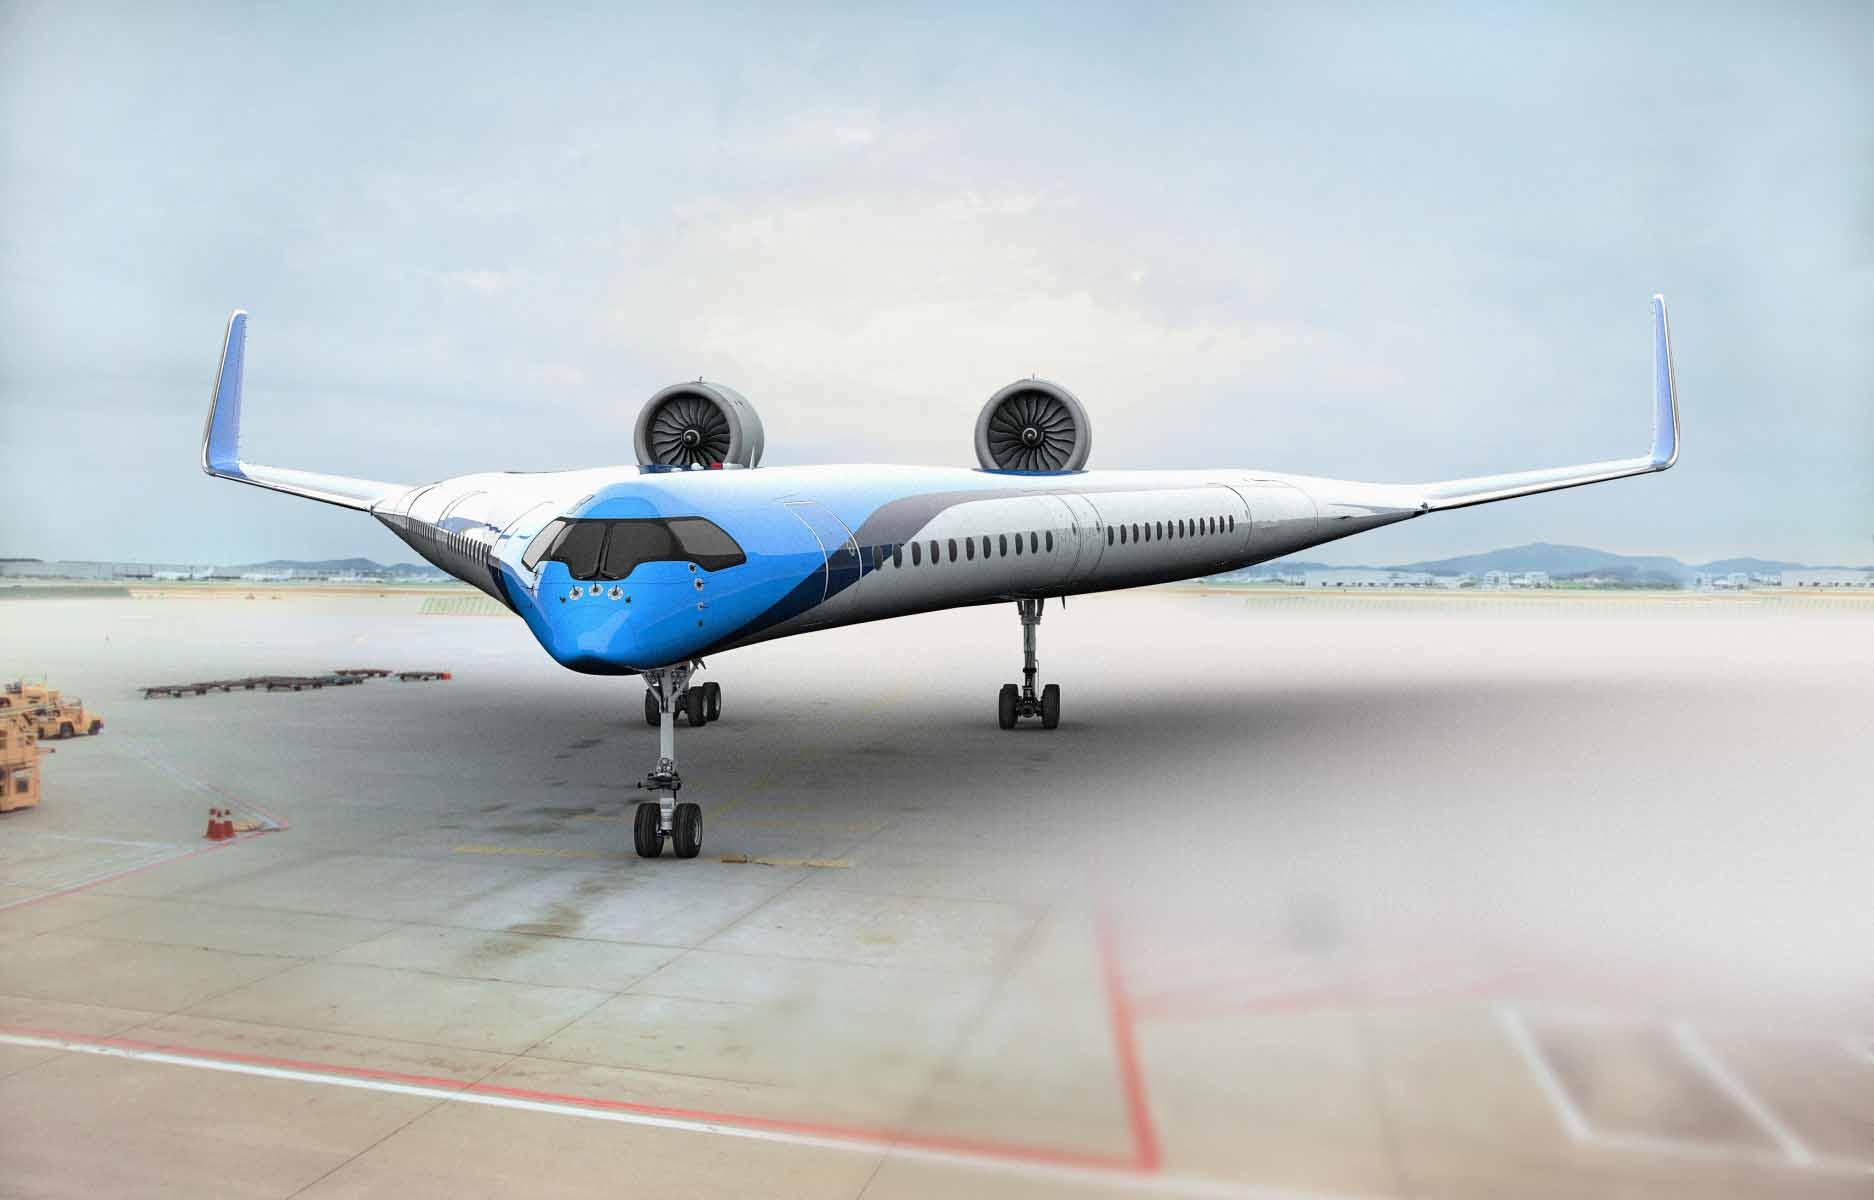 طائرة قد تحمل الركاب على جناحيها بالمستقبل تجري أول رحلة ناجحة